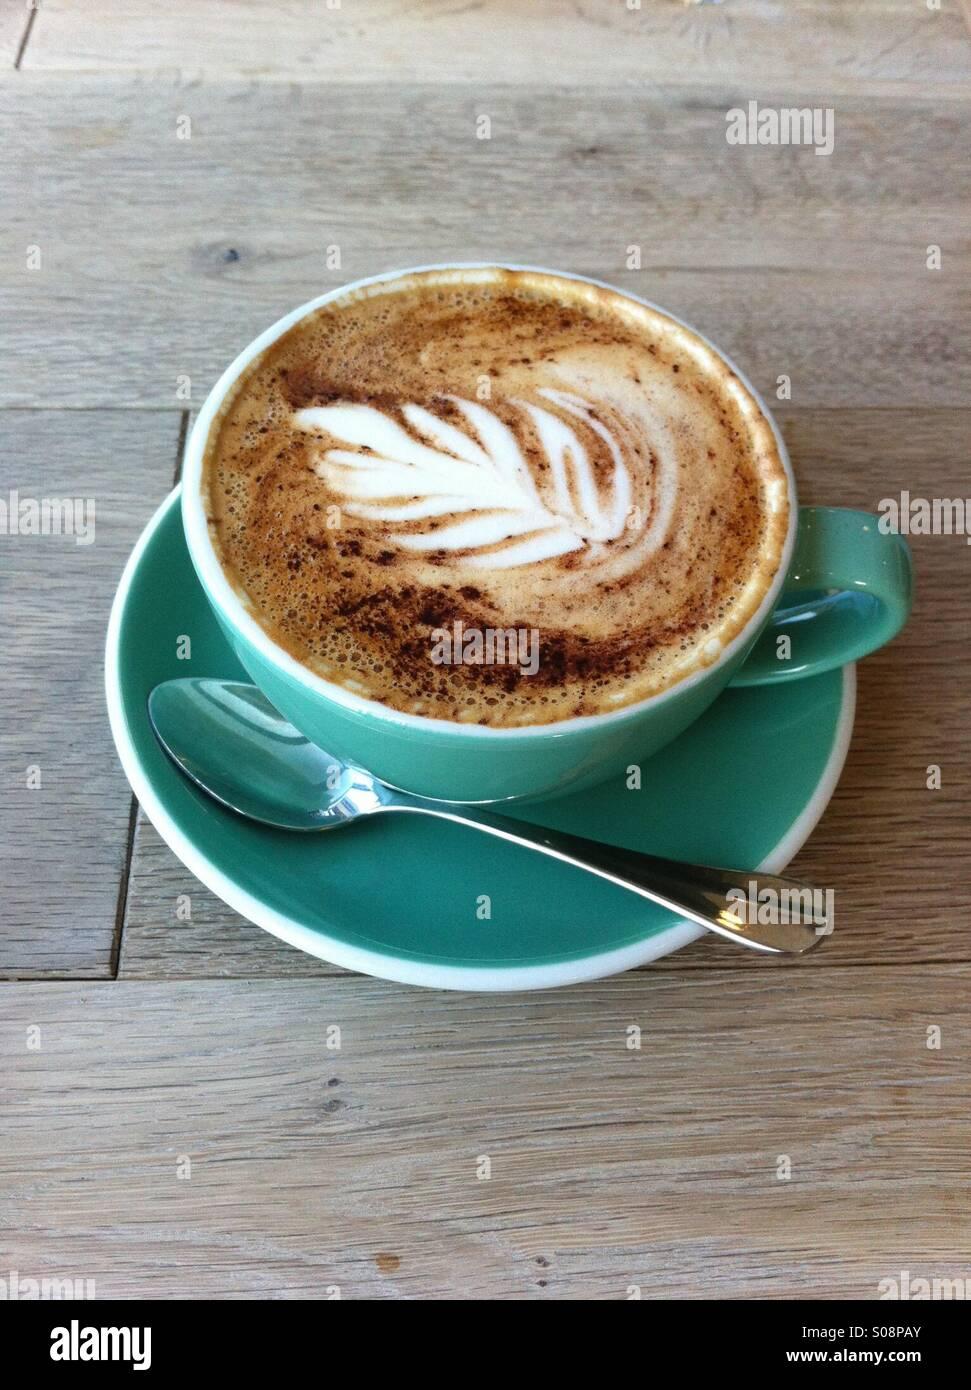 Una tazza di latte con arte sulla sommità di esso Immagini Stock